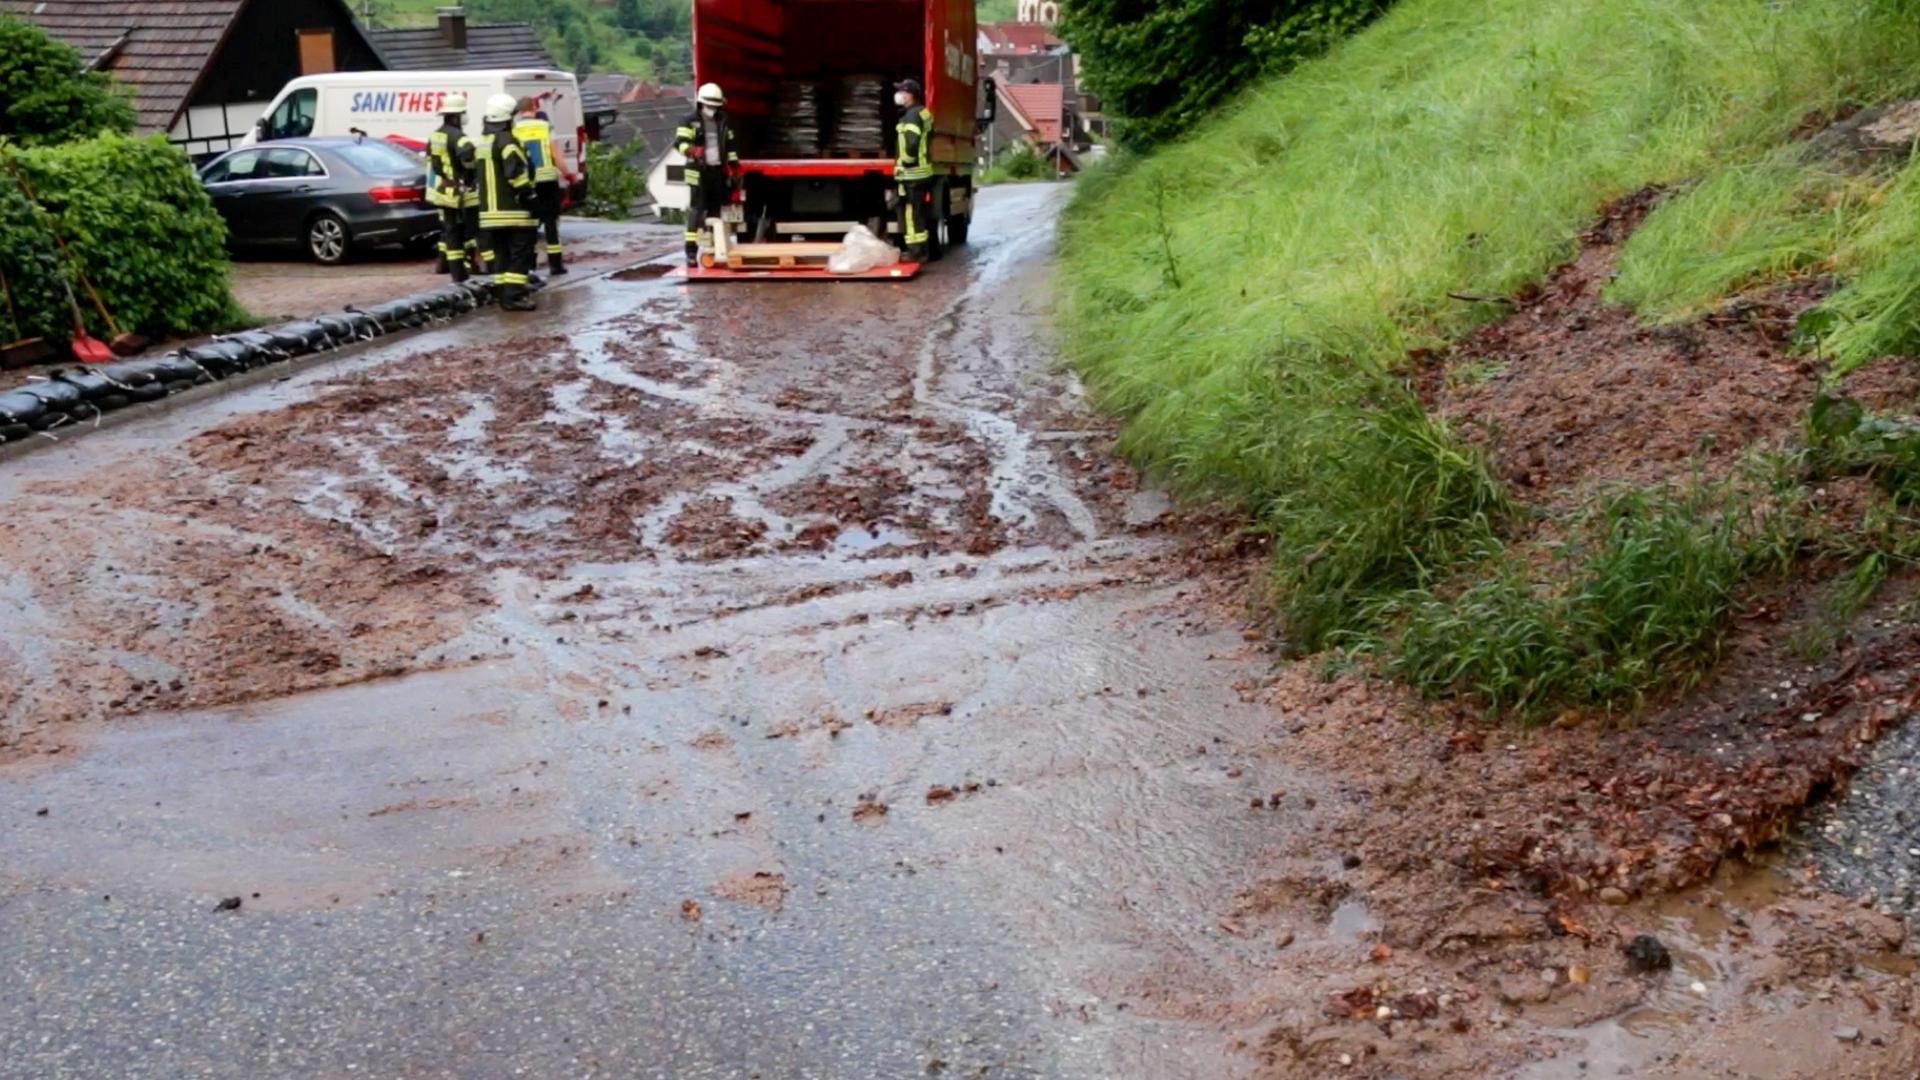 Feuerwehr verschmutzte Straße